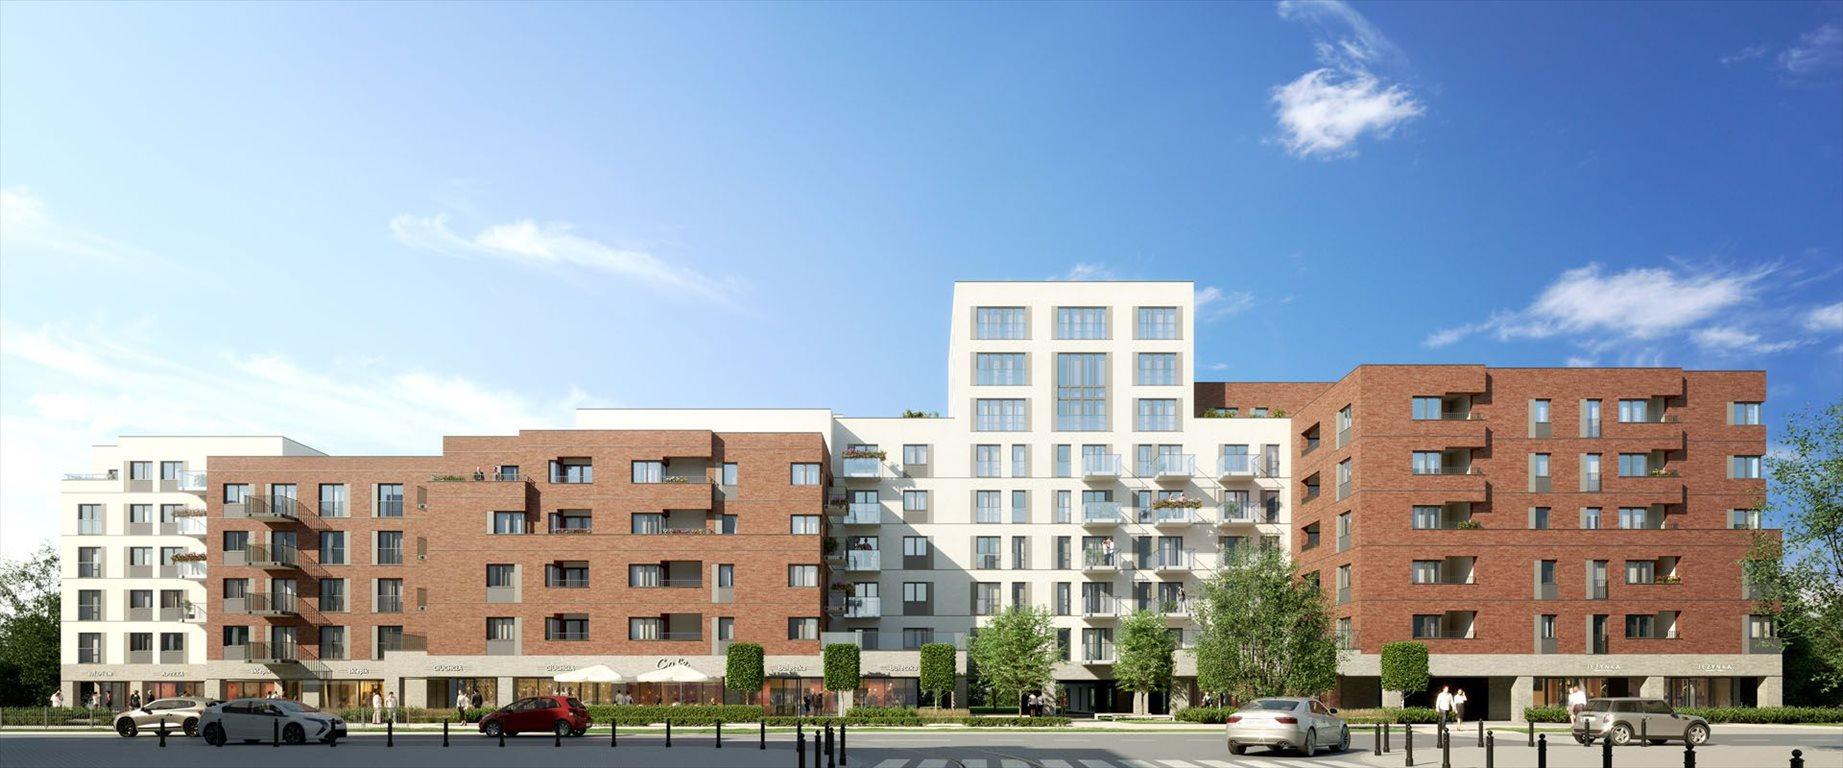 Mieszkanie trzypokojowe na sprzedaż Warszawa, Praga Północ, Wileńska  66m2 Foto 1